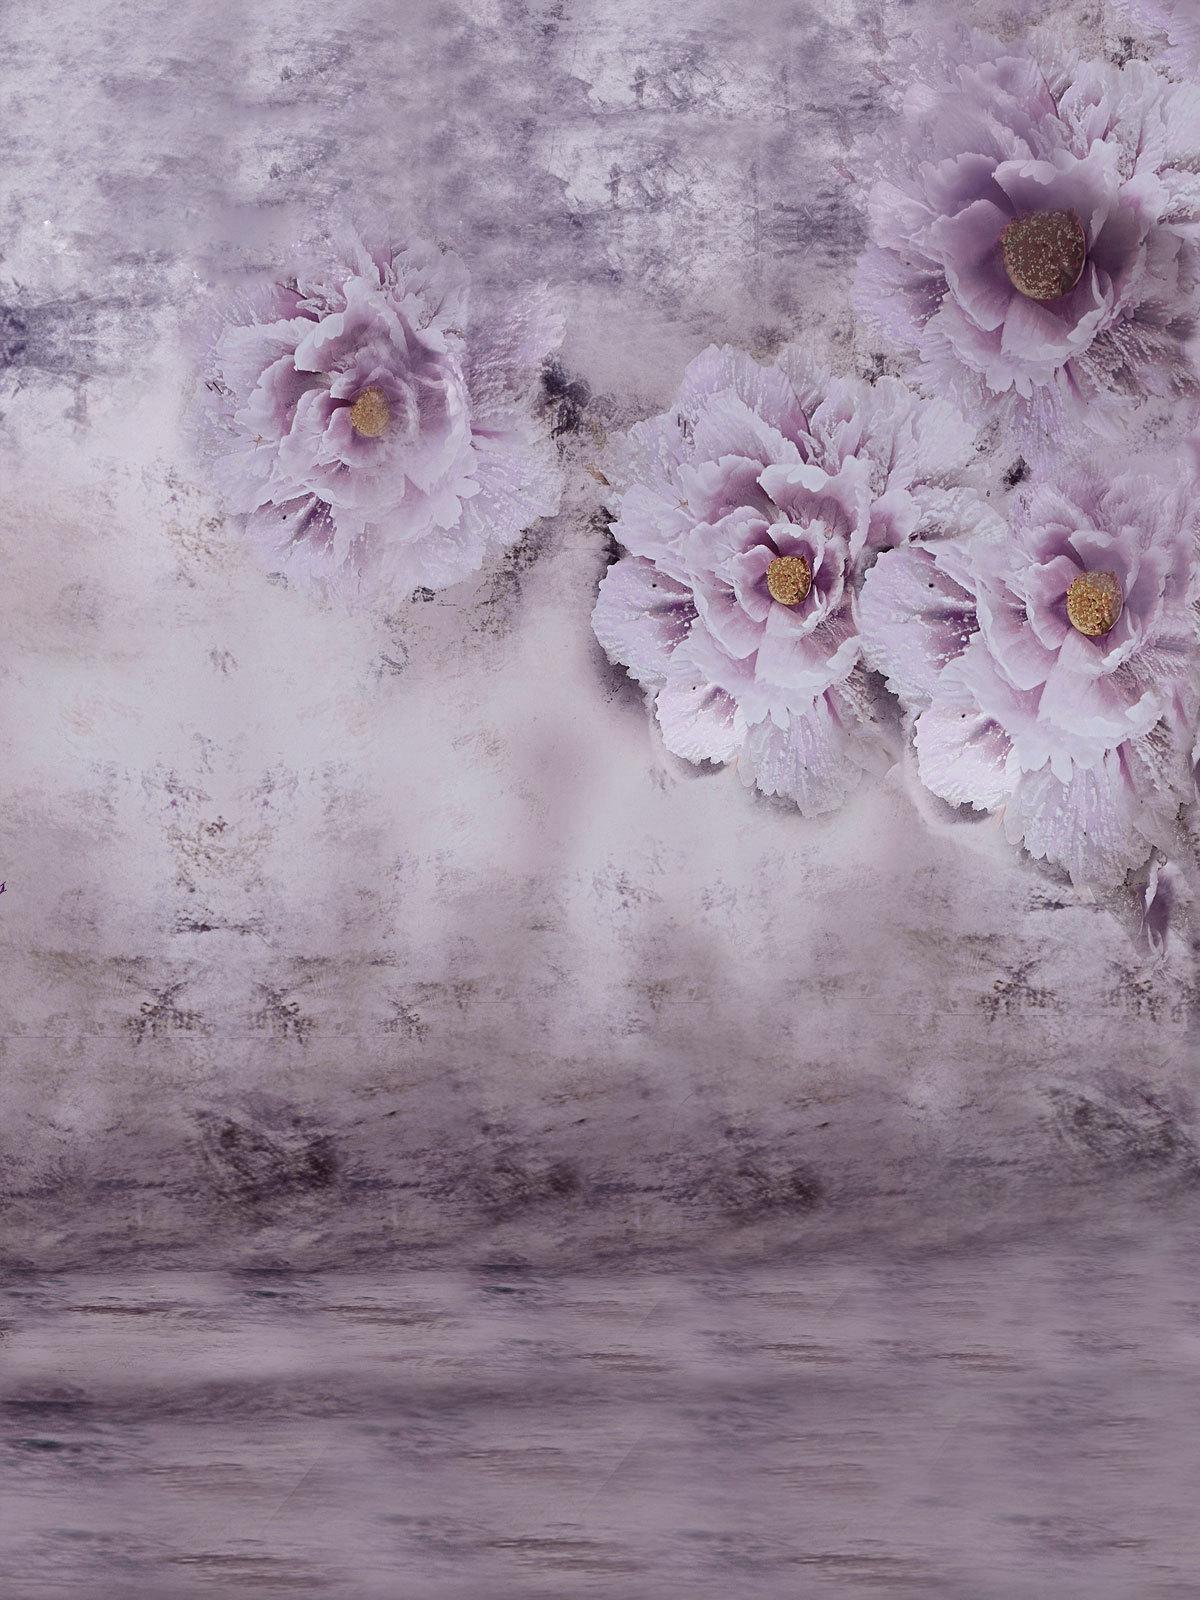 생명의 매직 박스 큰 꽃 150x200cm 사용자 지정 사진 배경 Colorfull 배경 꽃 사진 backdropkdrops J02755